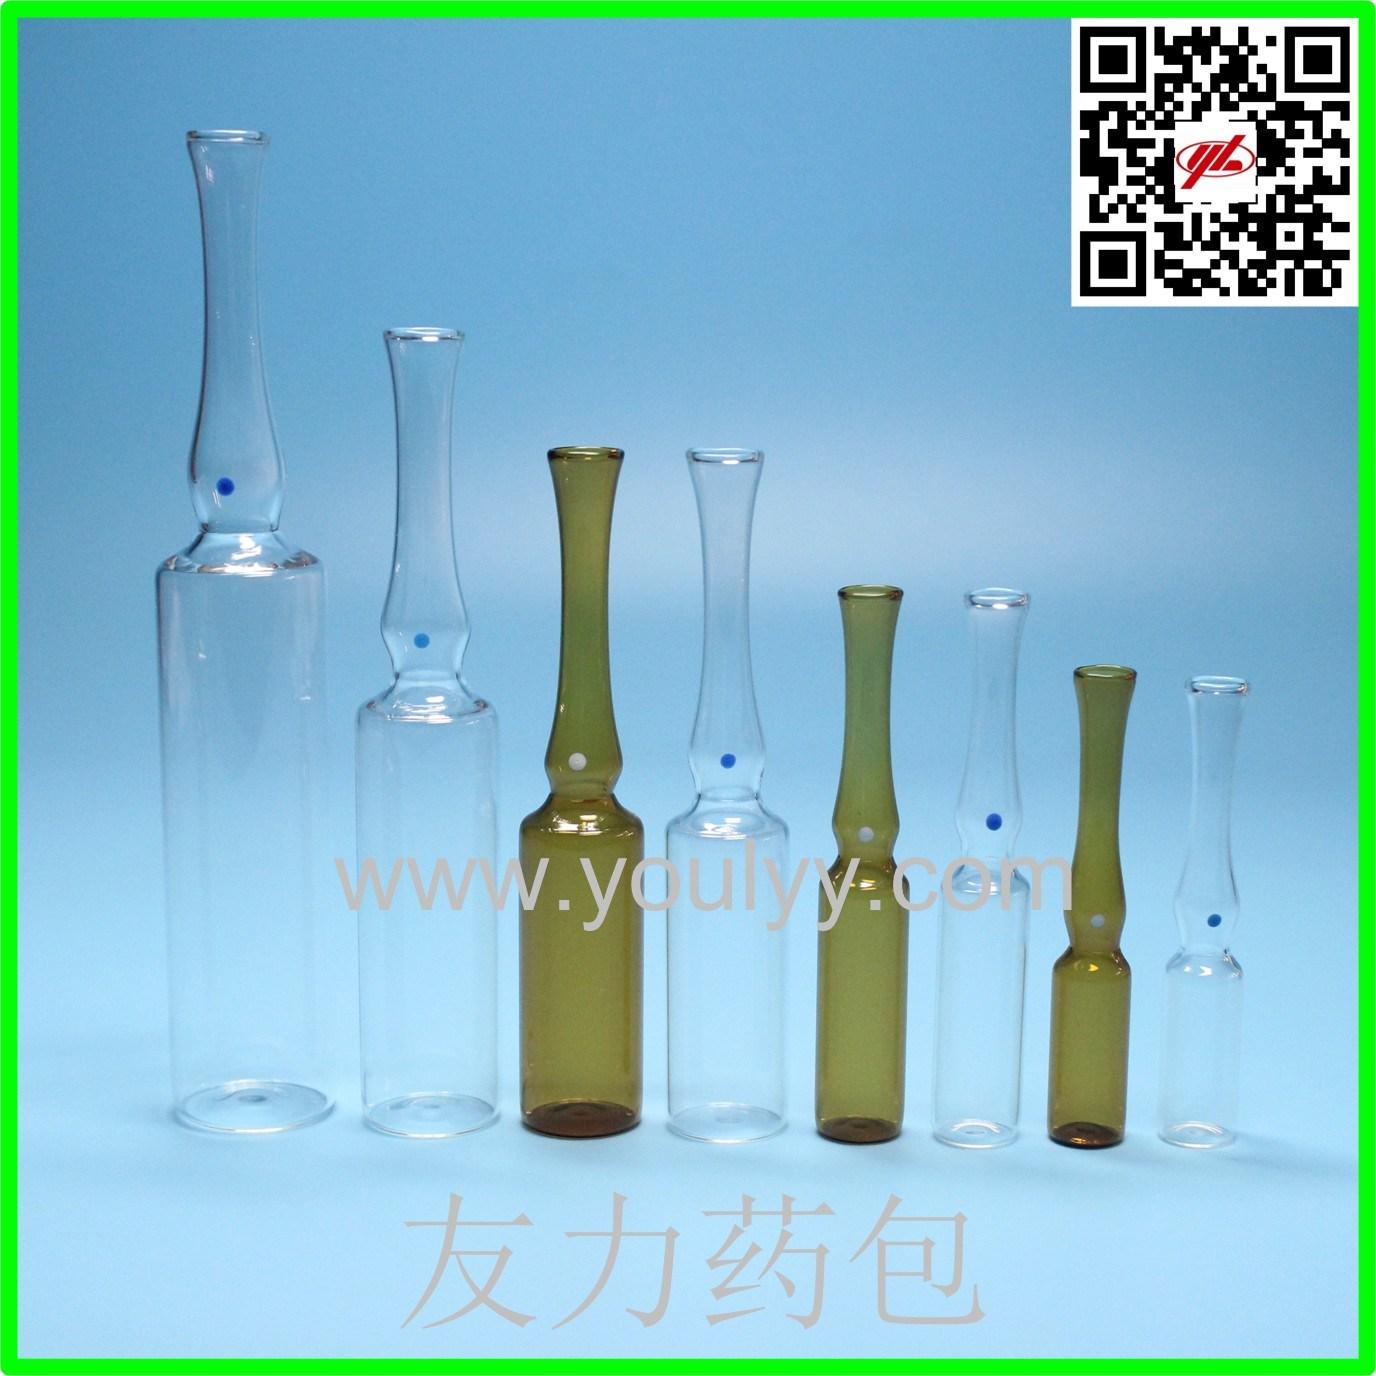 Neutral Glass Ampoule (1ml, 2ml, 3ml, 5ml, 10ml, 20ml.)